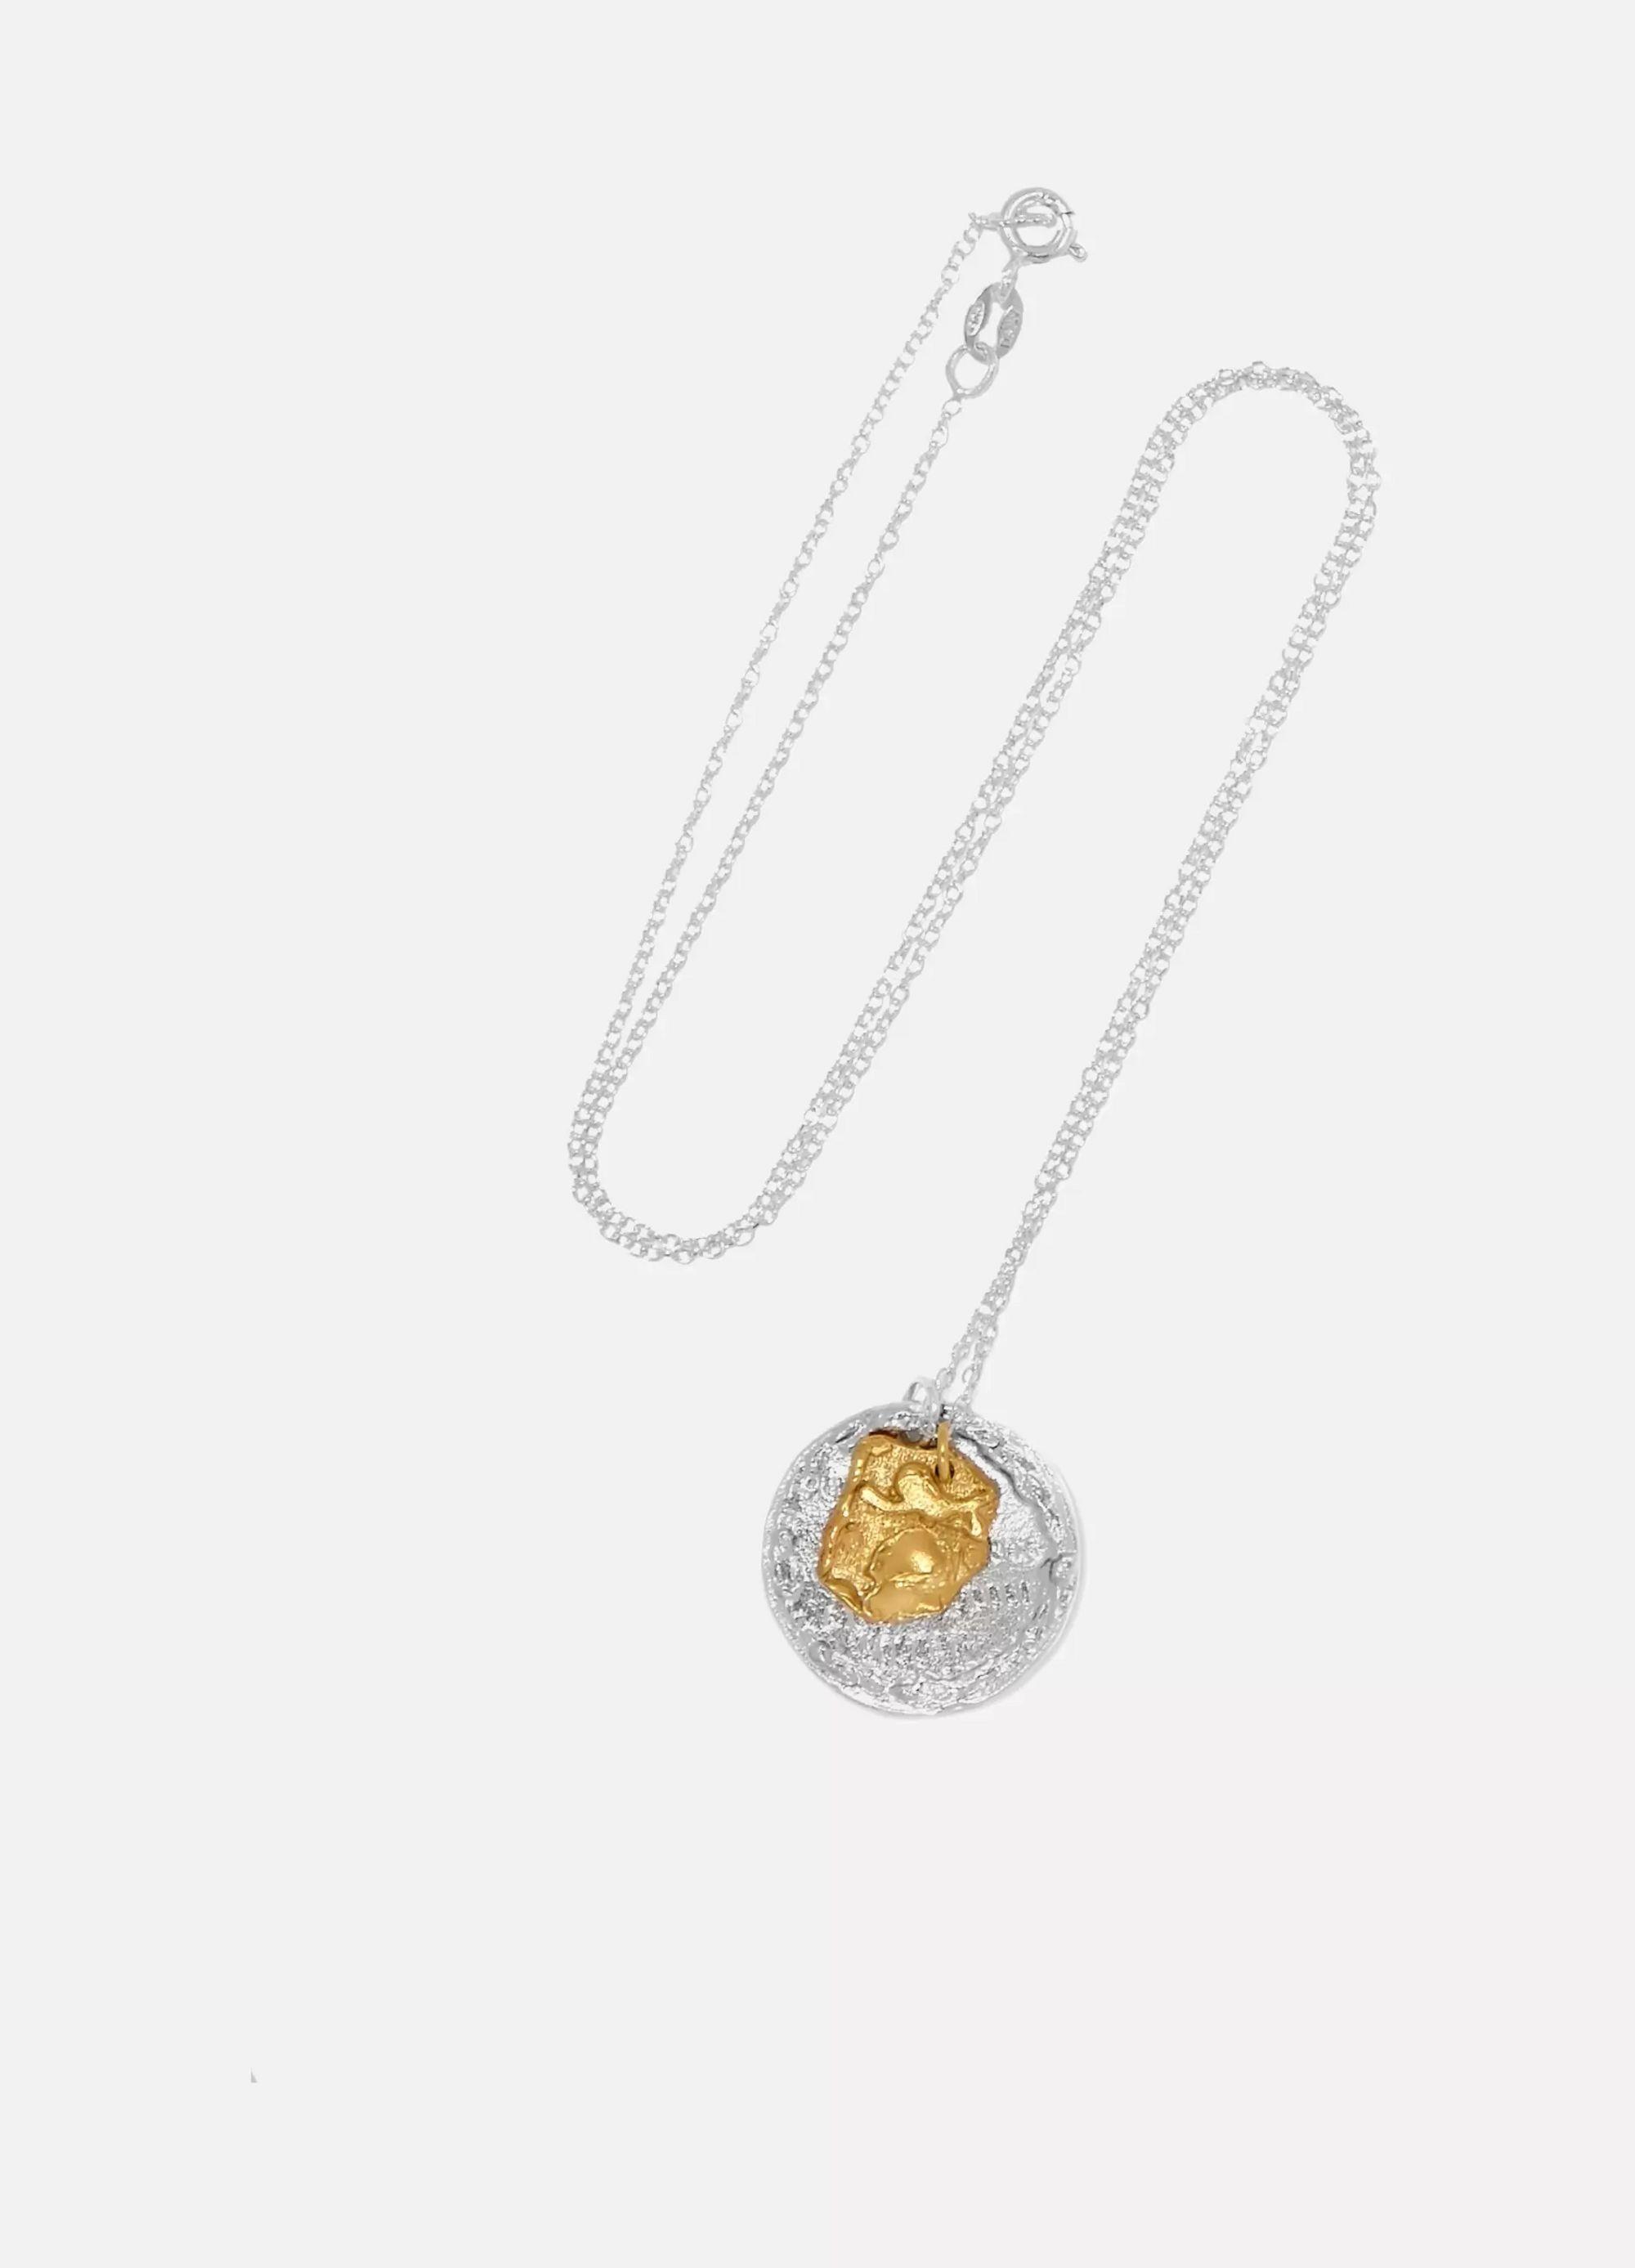 Alighieri La Collisione Kette aus Silber mit vergoldeten Details